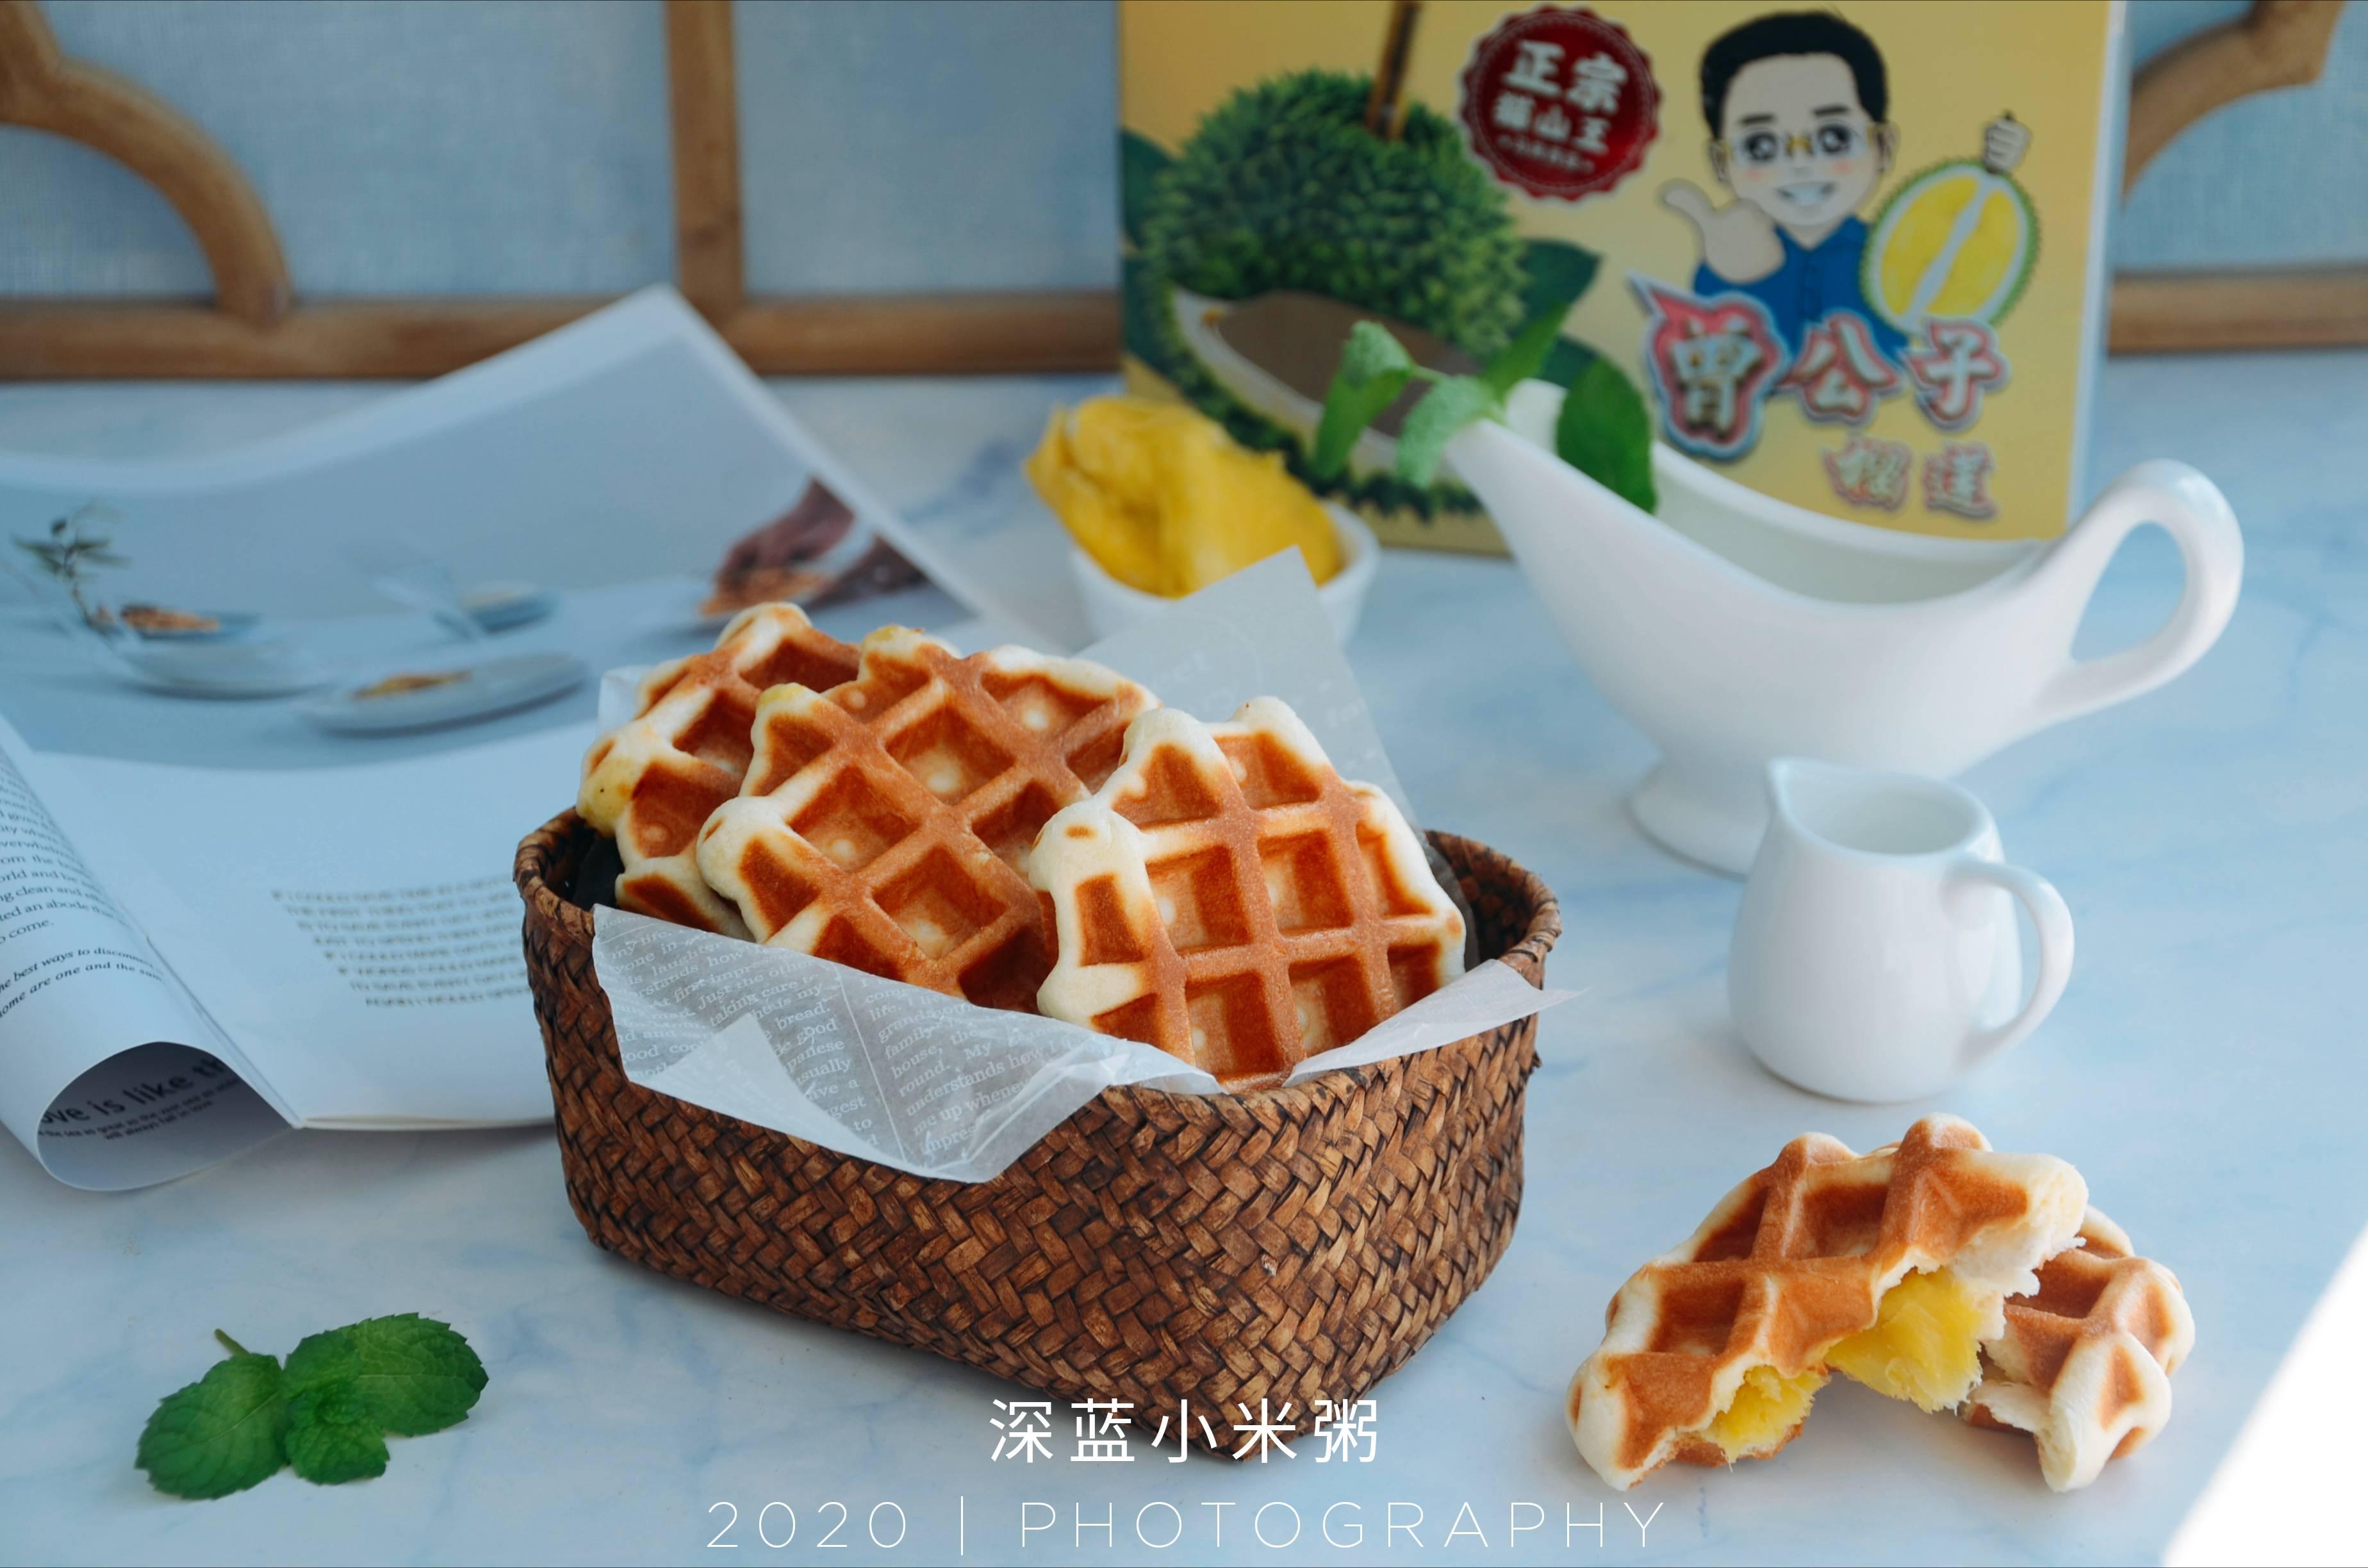 榴莲华夫饼成品图